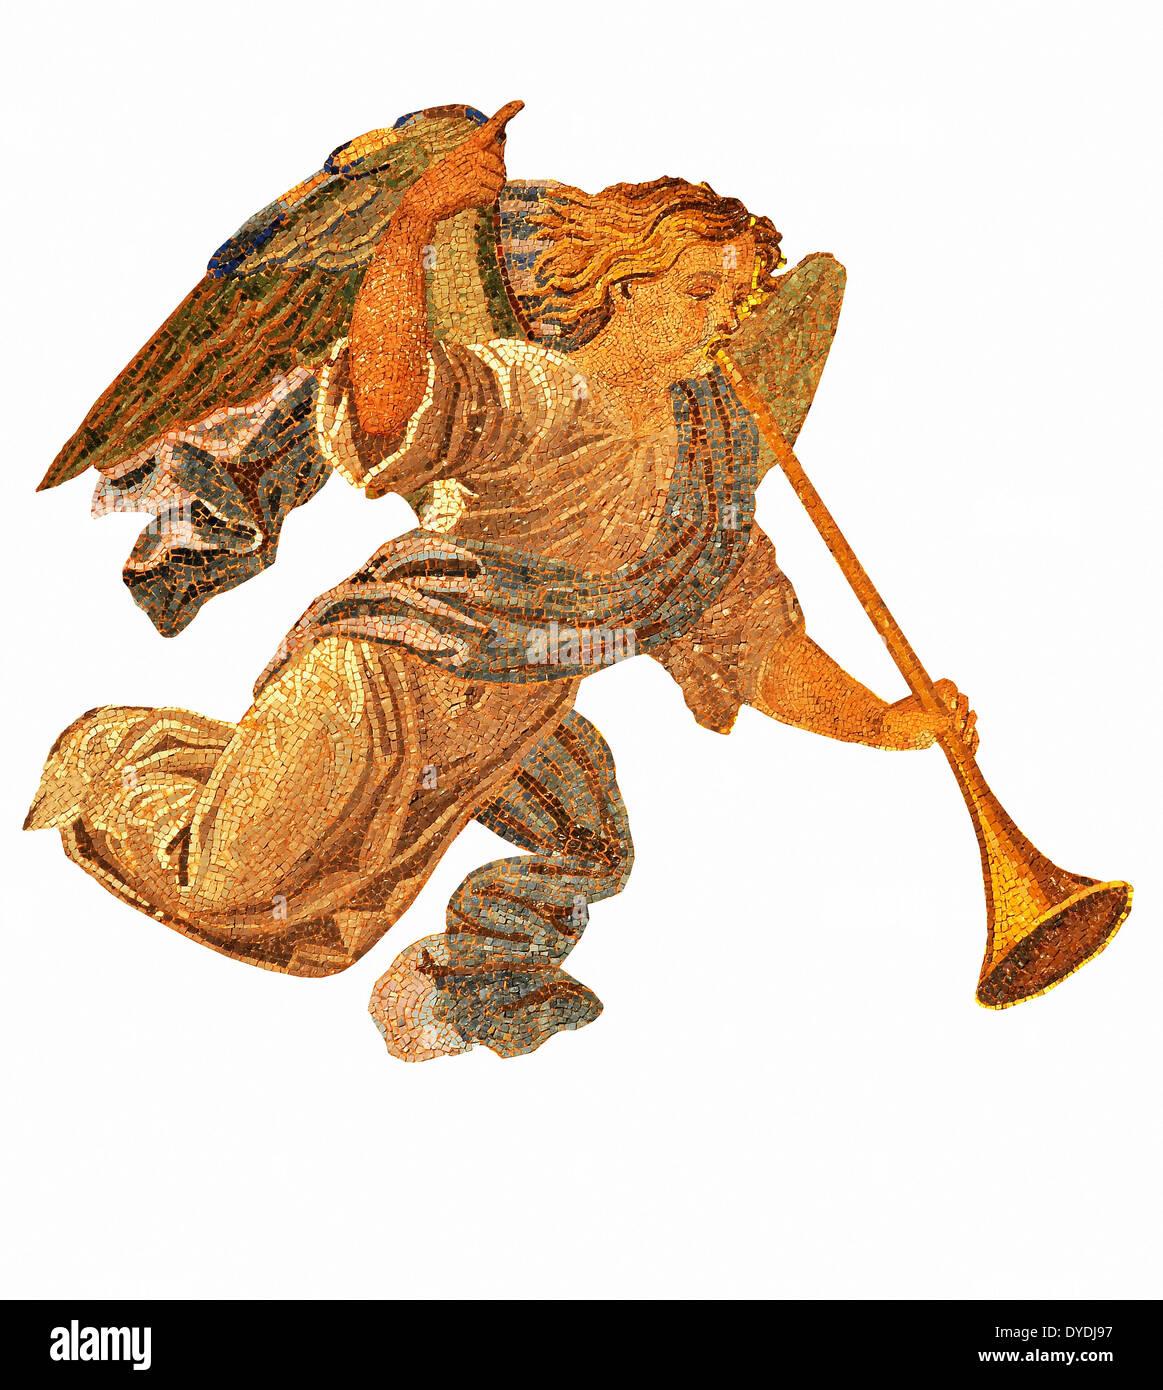 Oro mosaico in oro angelo tromba buona novella annunciare il messaggio messenger Venezia Arte Veneziana la bibbia la religione Il Cristianesimo cath Immagini Stock